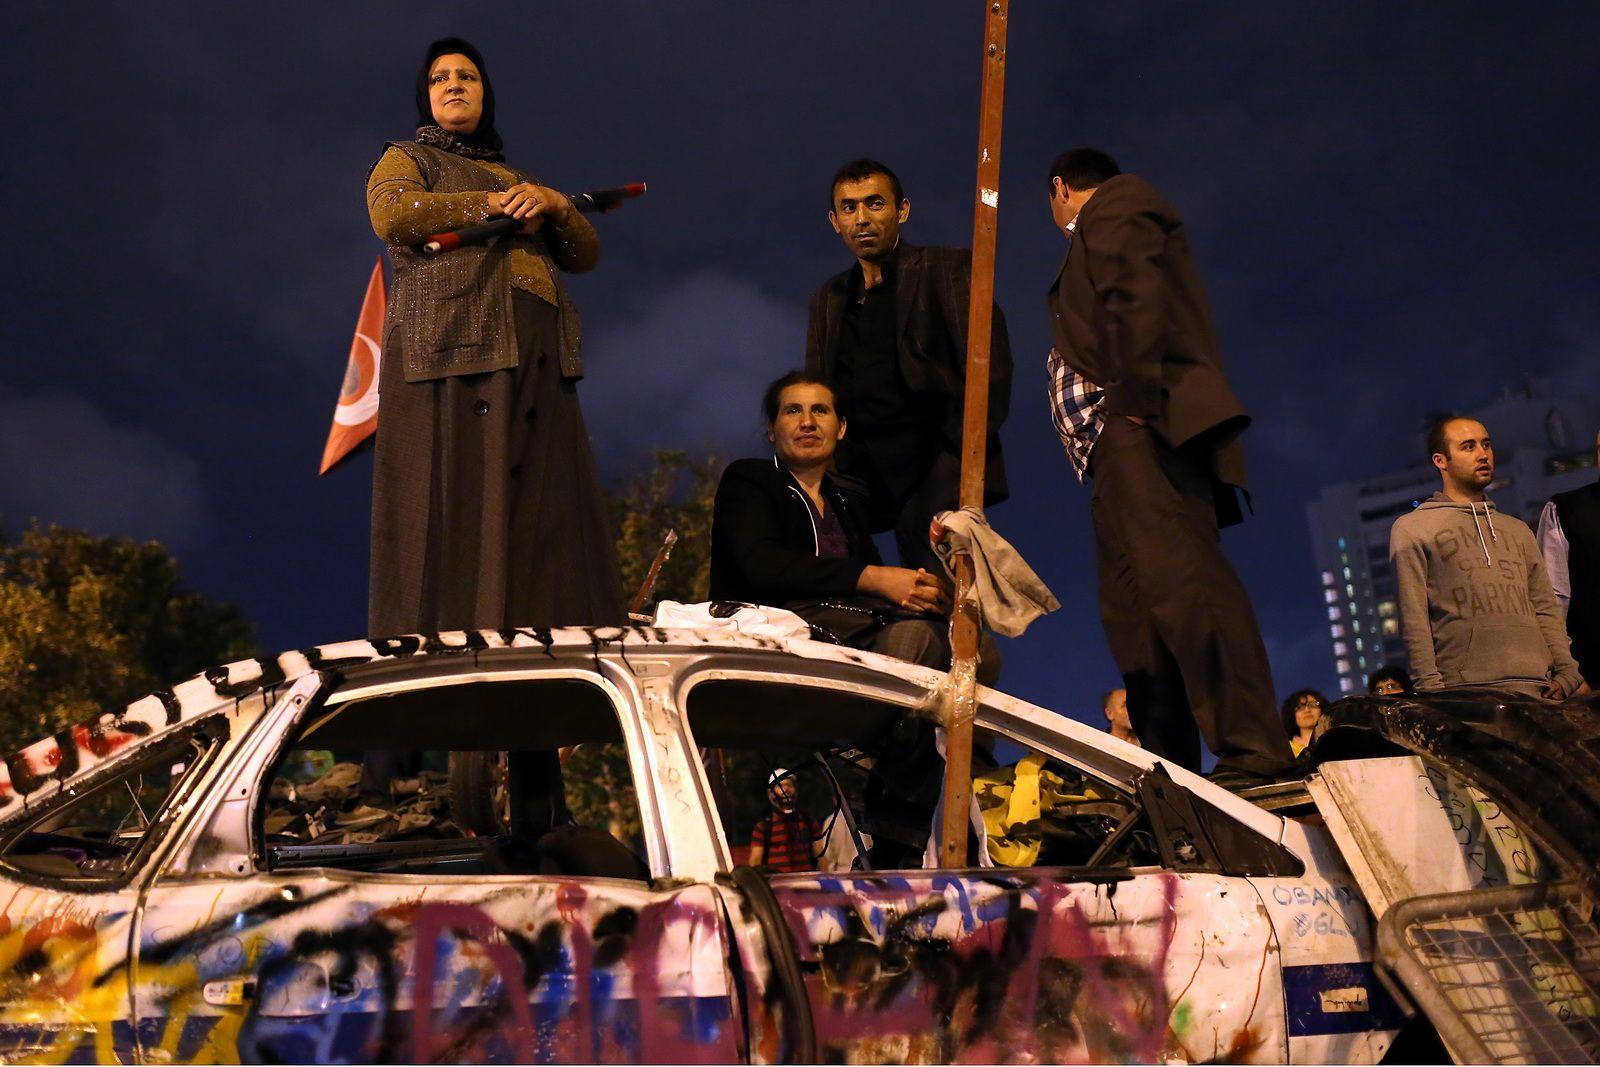 Nepokoje v Turecku 2013